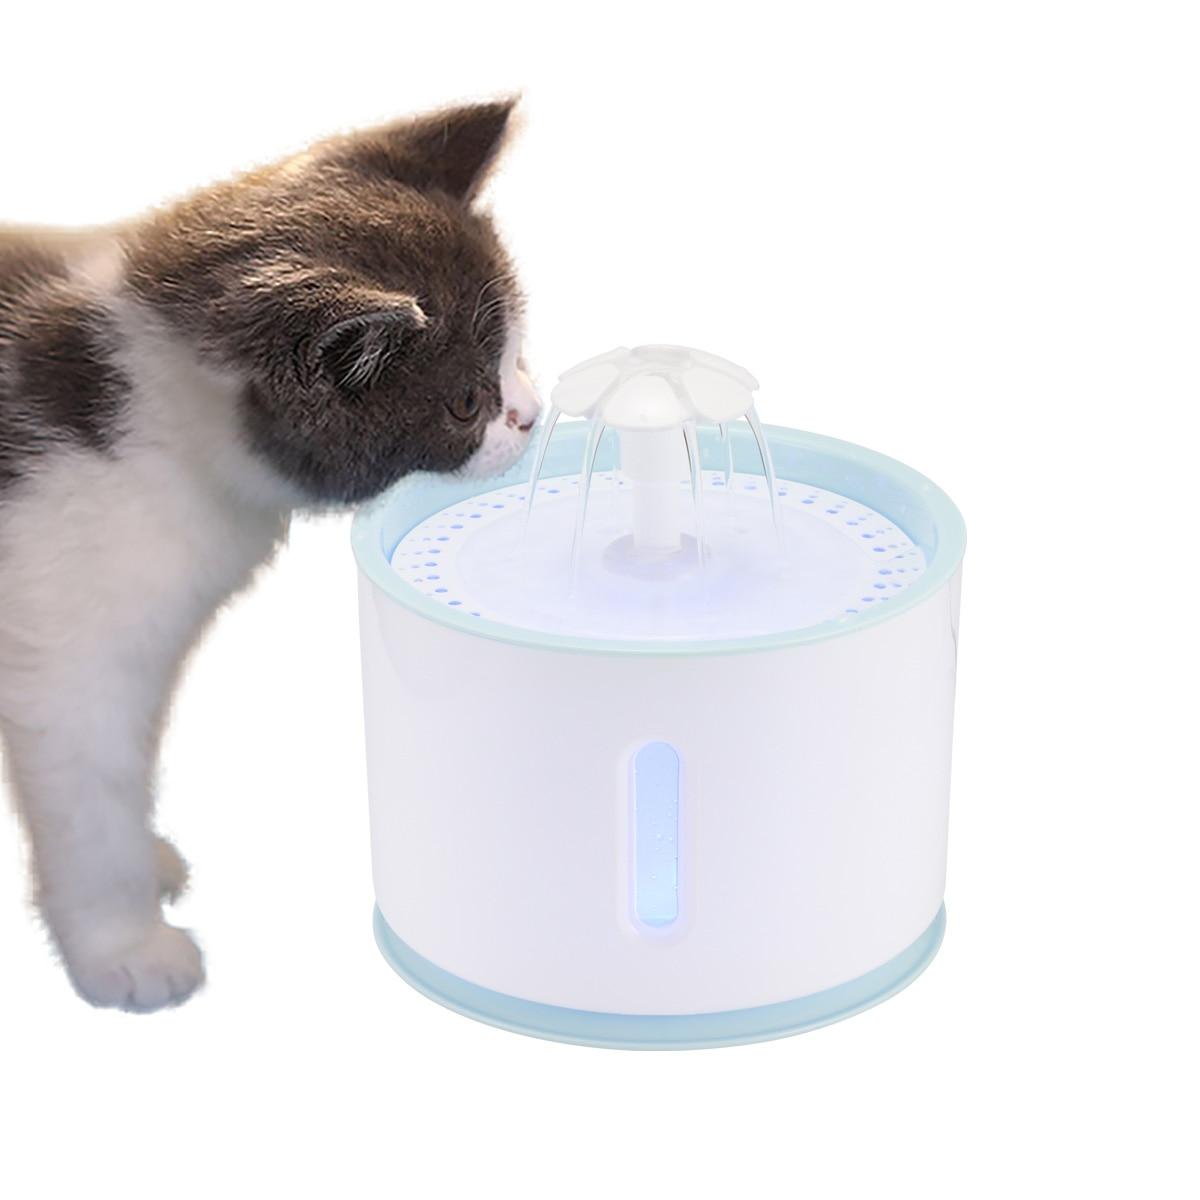 Водяной фонтан со сменной фильтрацией, автоматический питьевой фонтан с активированным углем, 2,4 л, USB-кабель